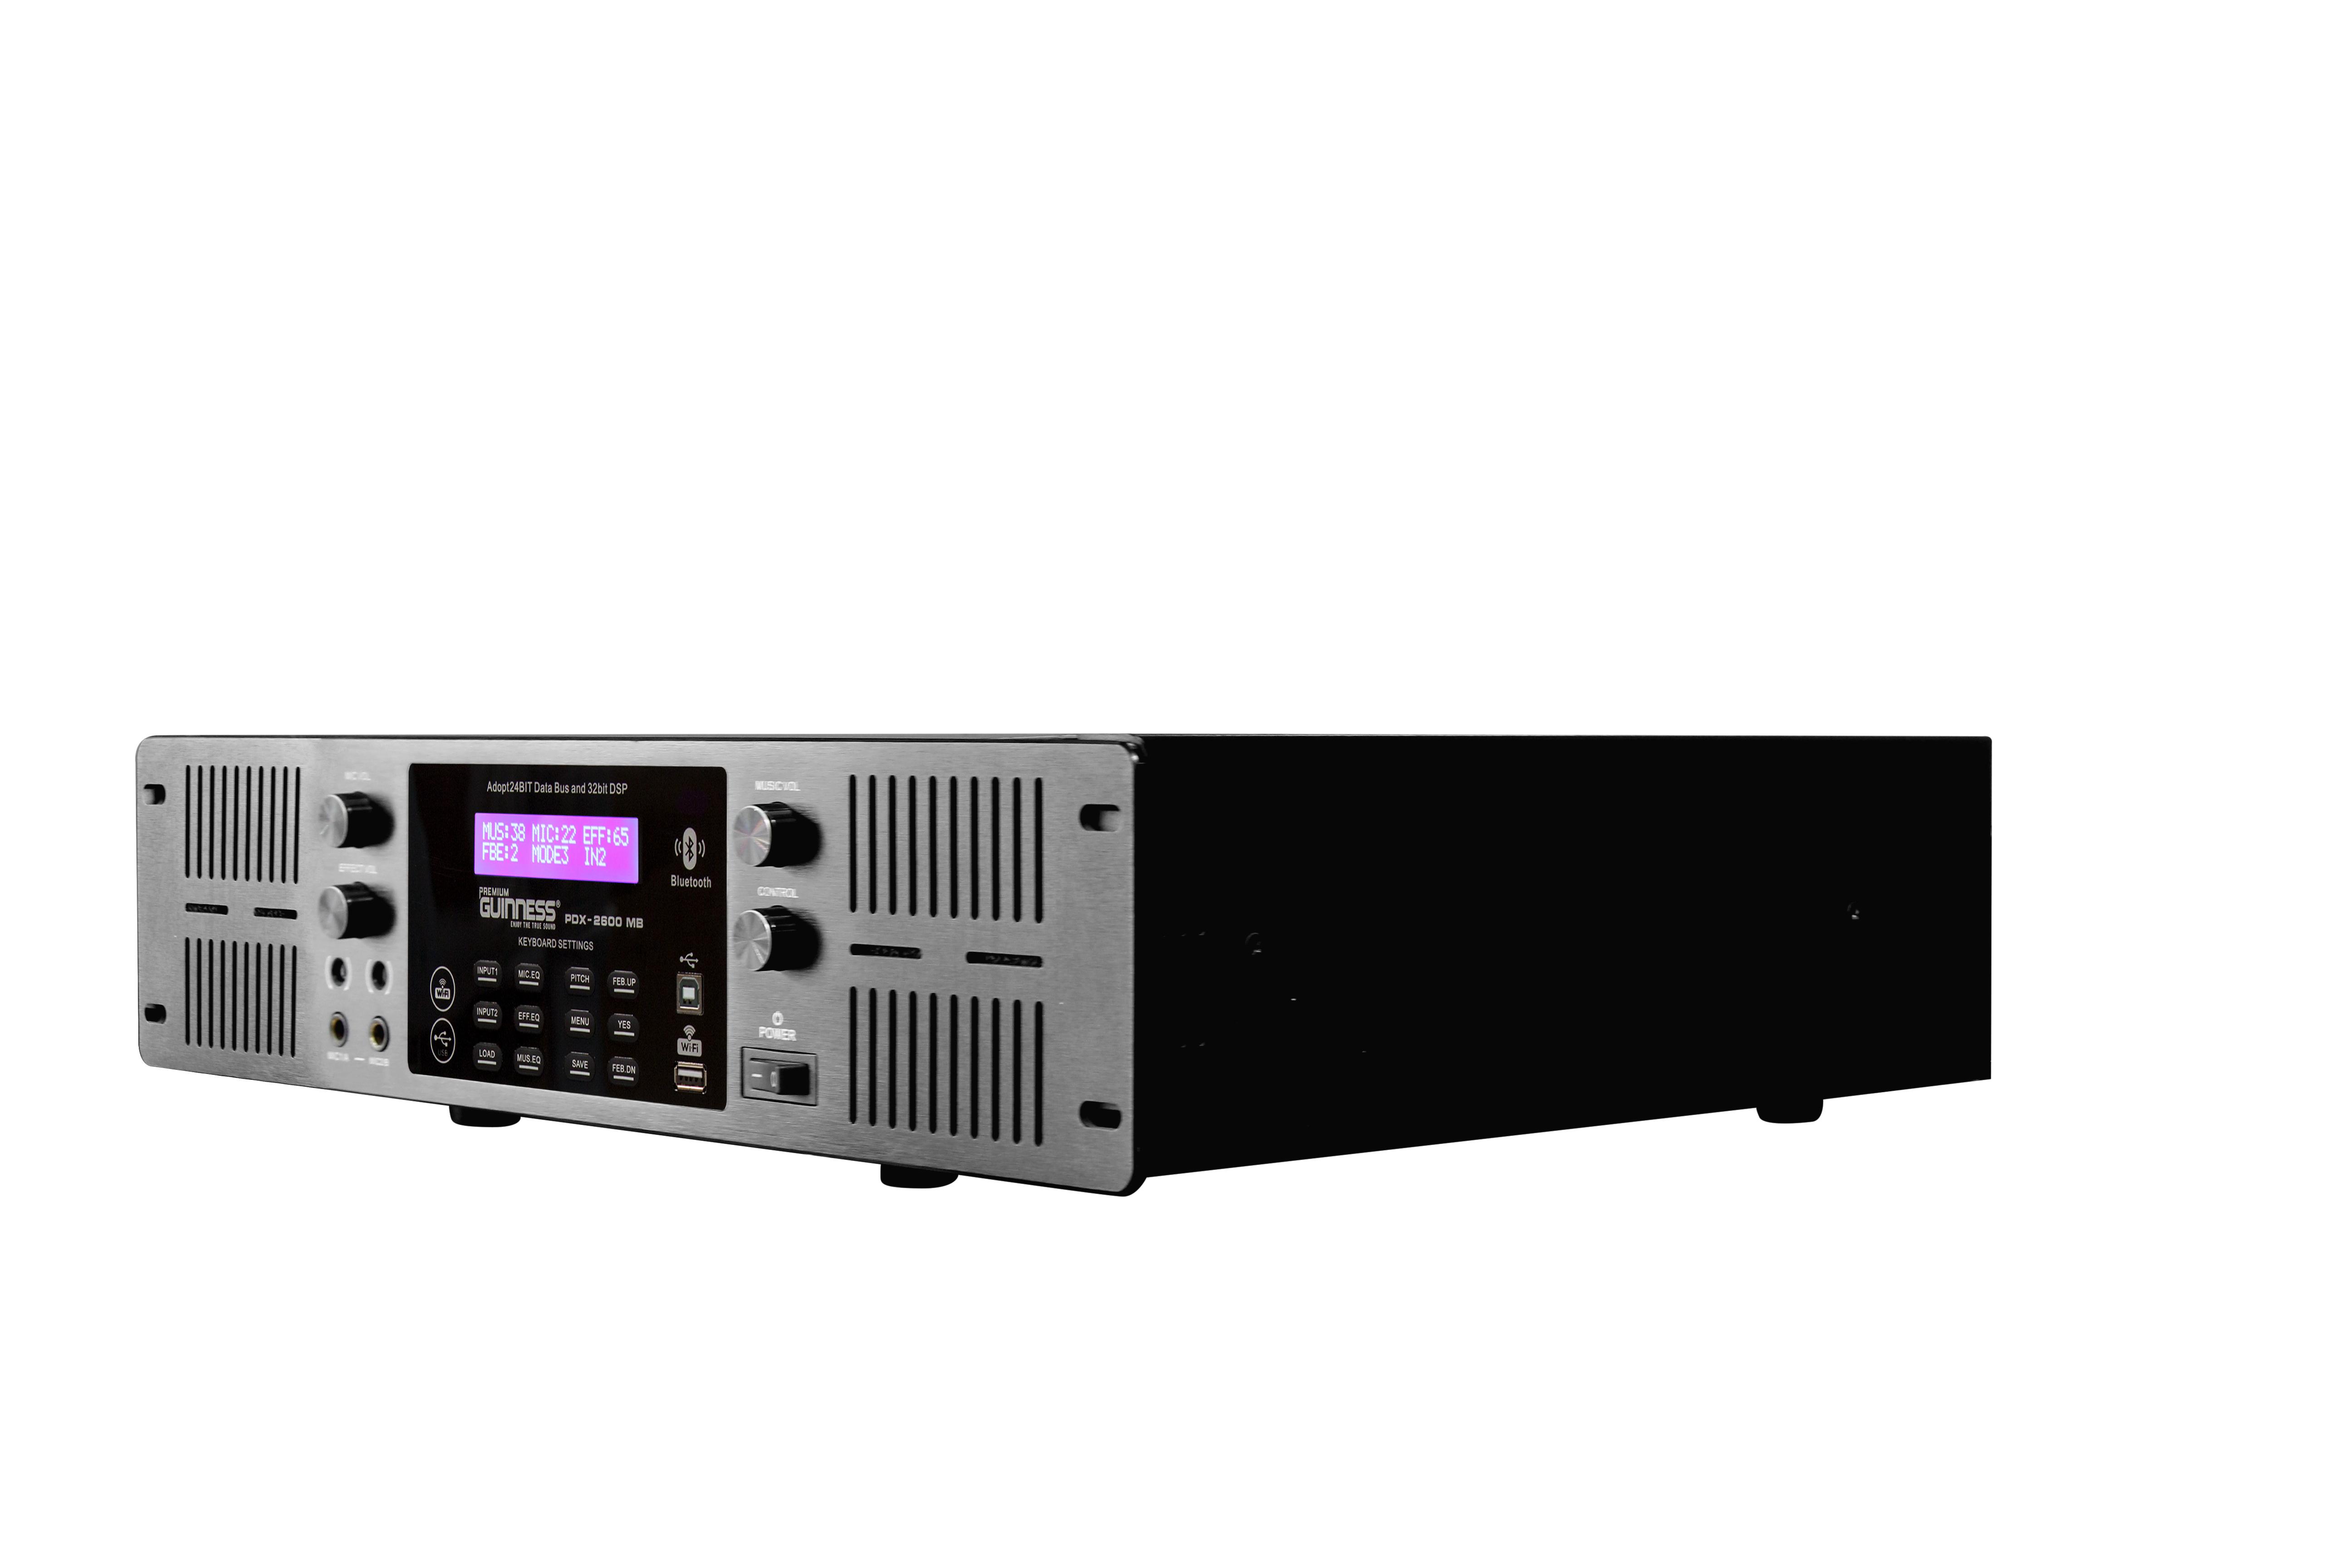 Power Mixer Amplifier - Cục đẩy công suất GUINNESS Premium PDX - 2600 MB | Hàng Nhập Khẩu